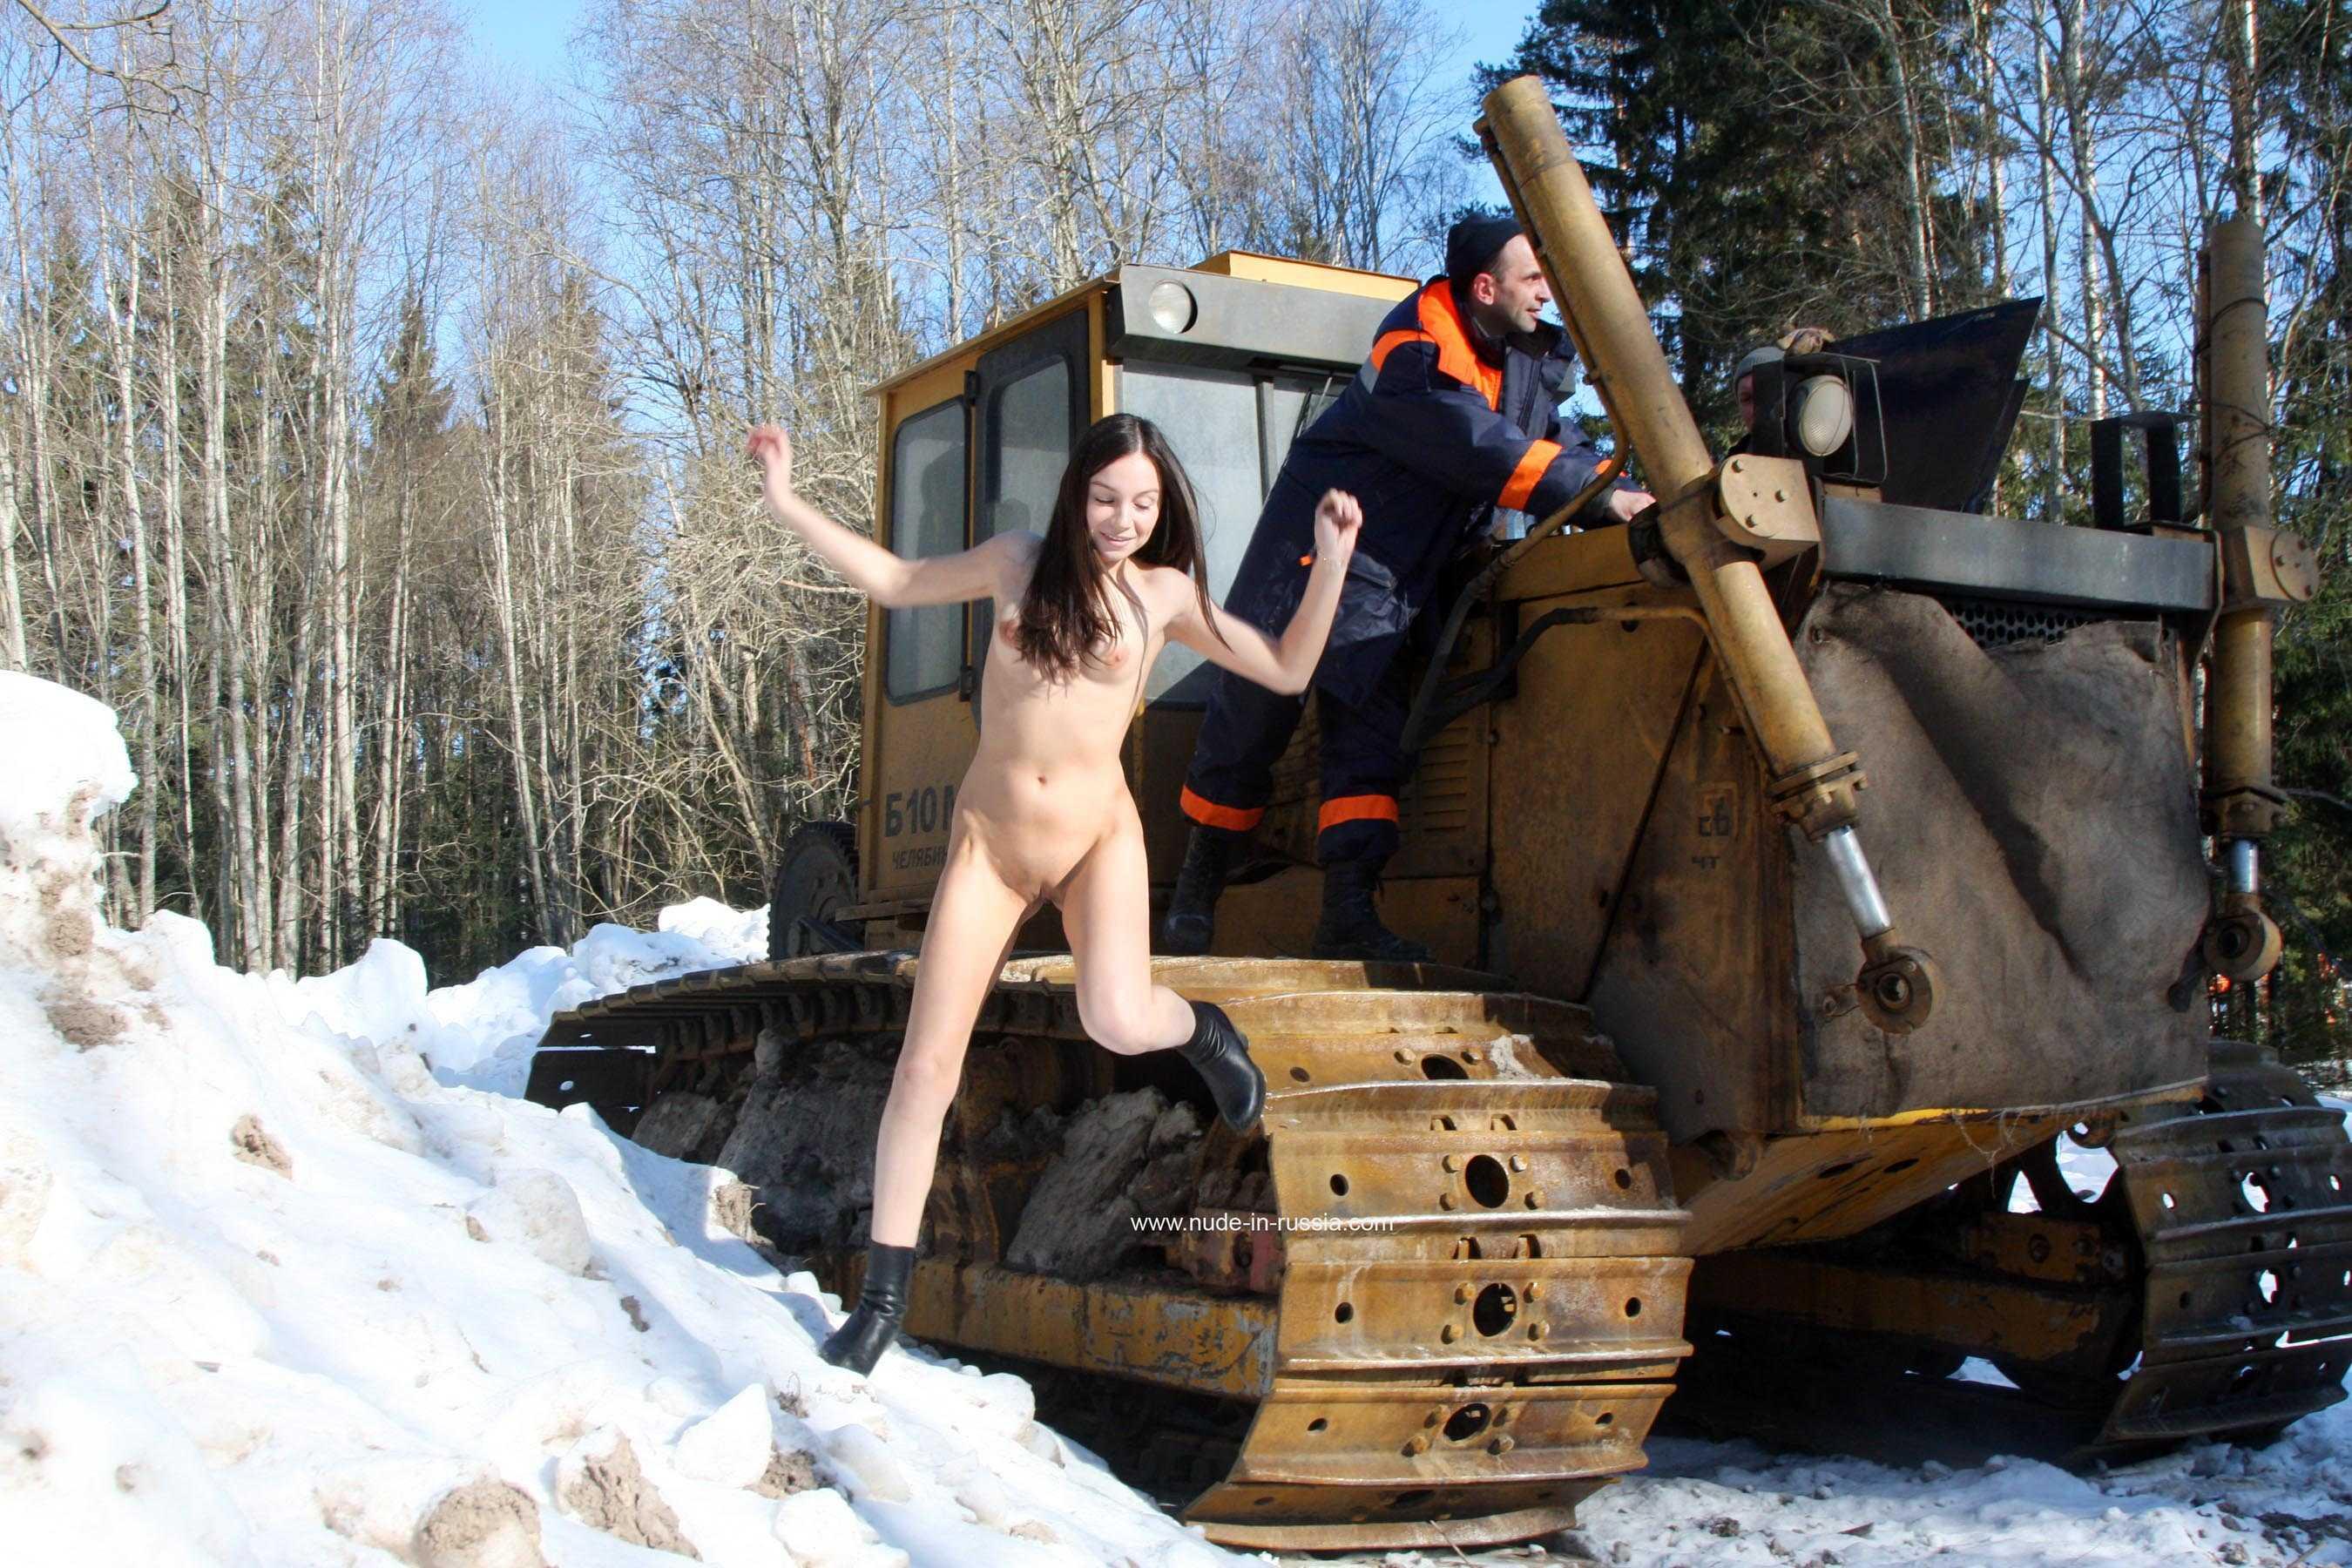 Секс и трактор, Порно: Фермер трахнул блондинку на своем тракторе 6 фотография